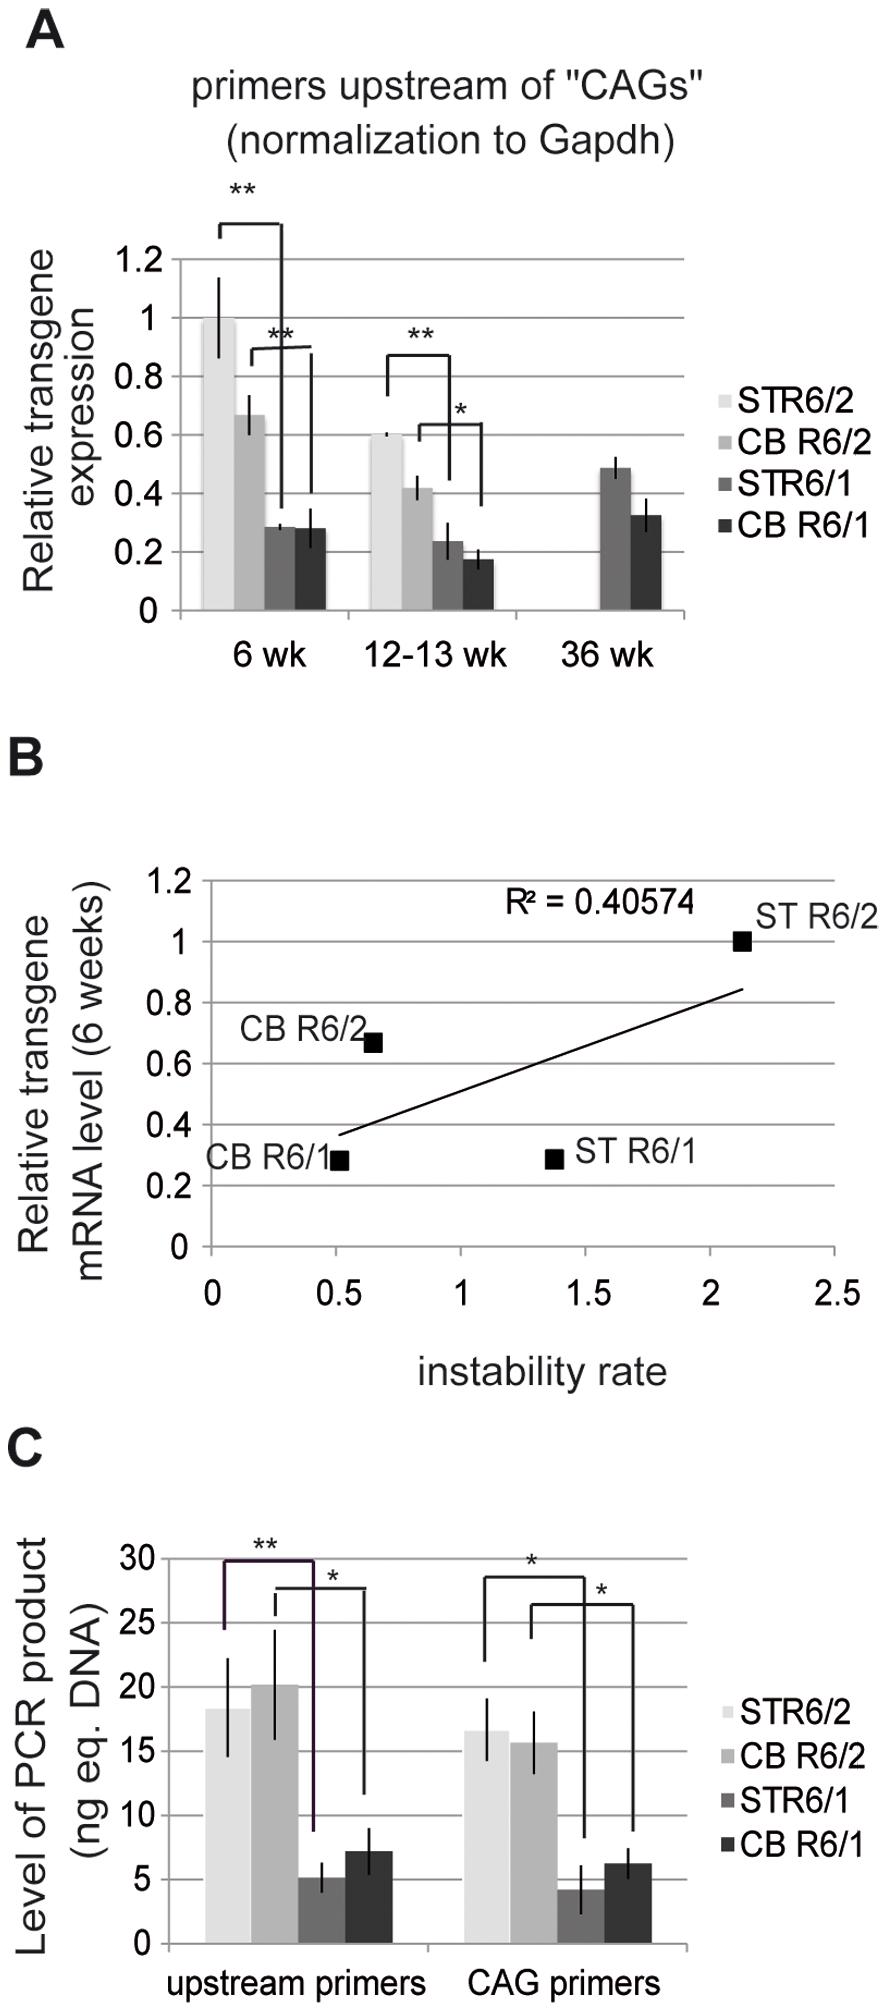 HD transgene expression in R6/1 and R6/2 striatum and cerebellum.